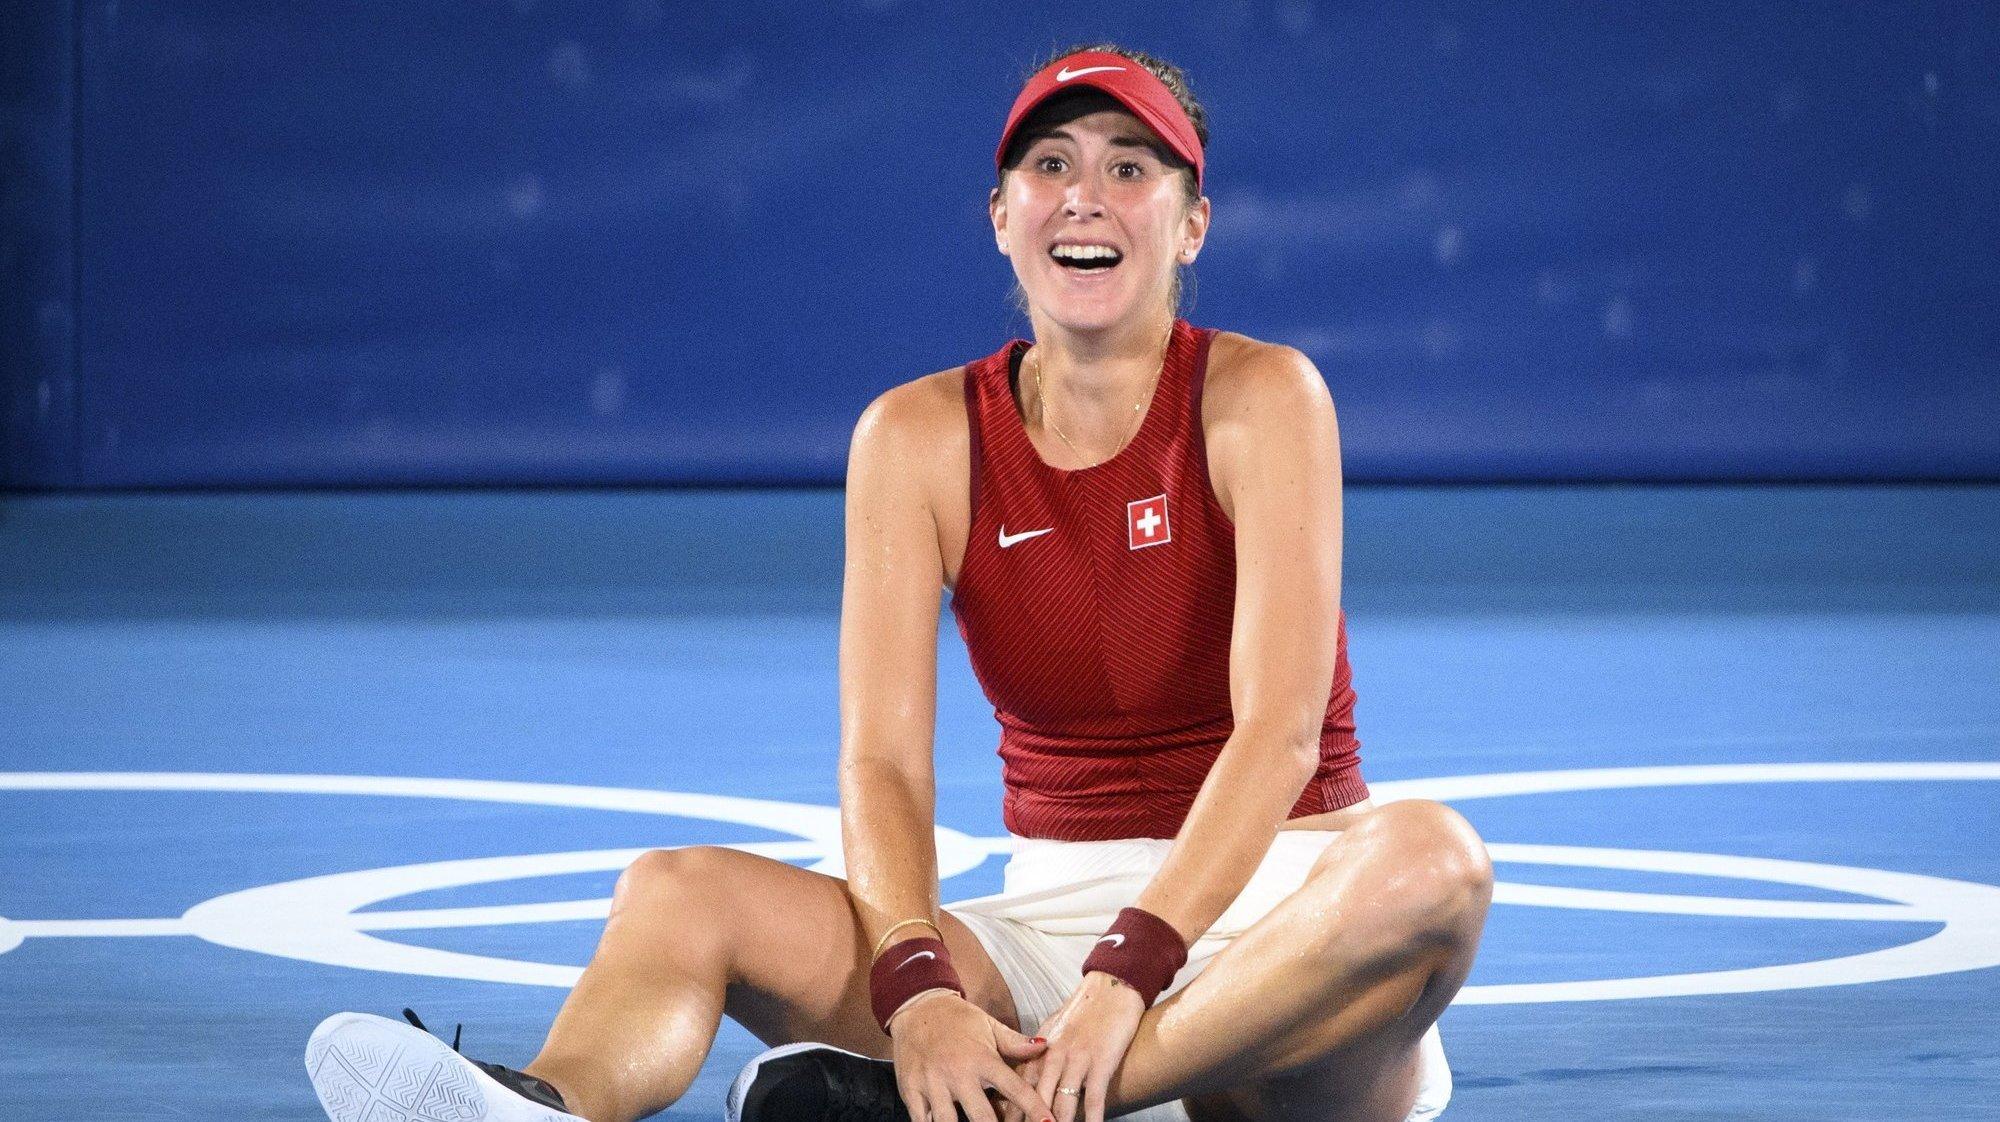 Belinda Bencic de retour sur le circuit, portée par l'esprit olympique